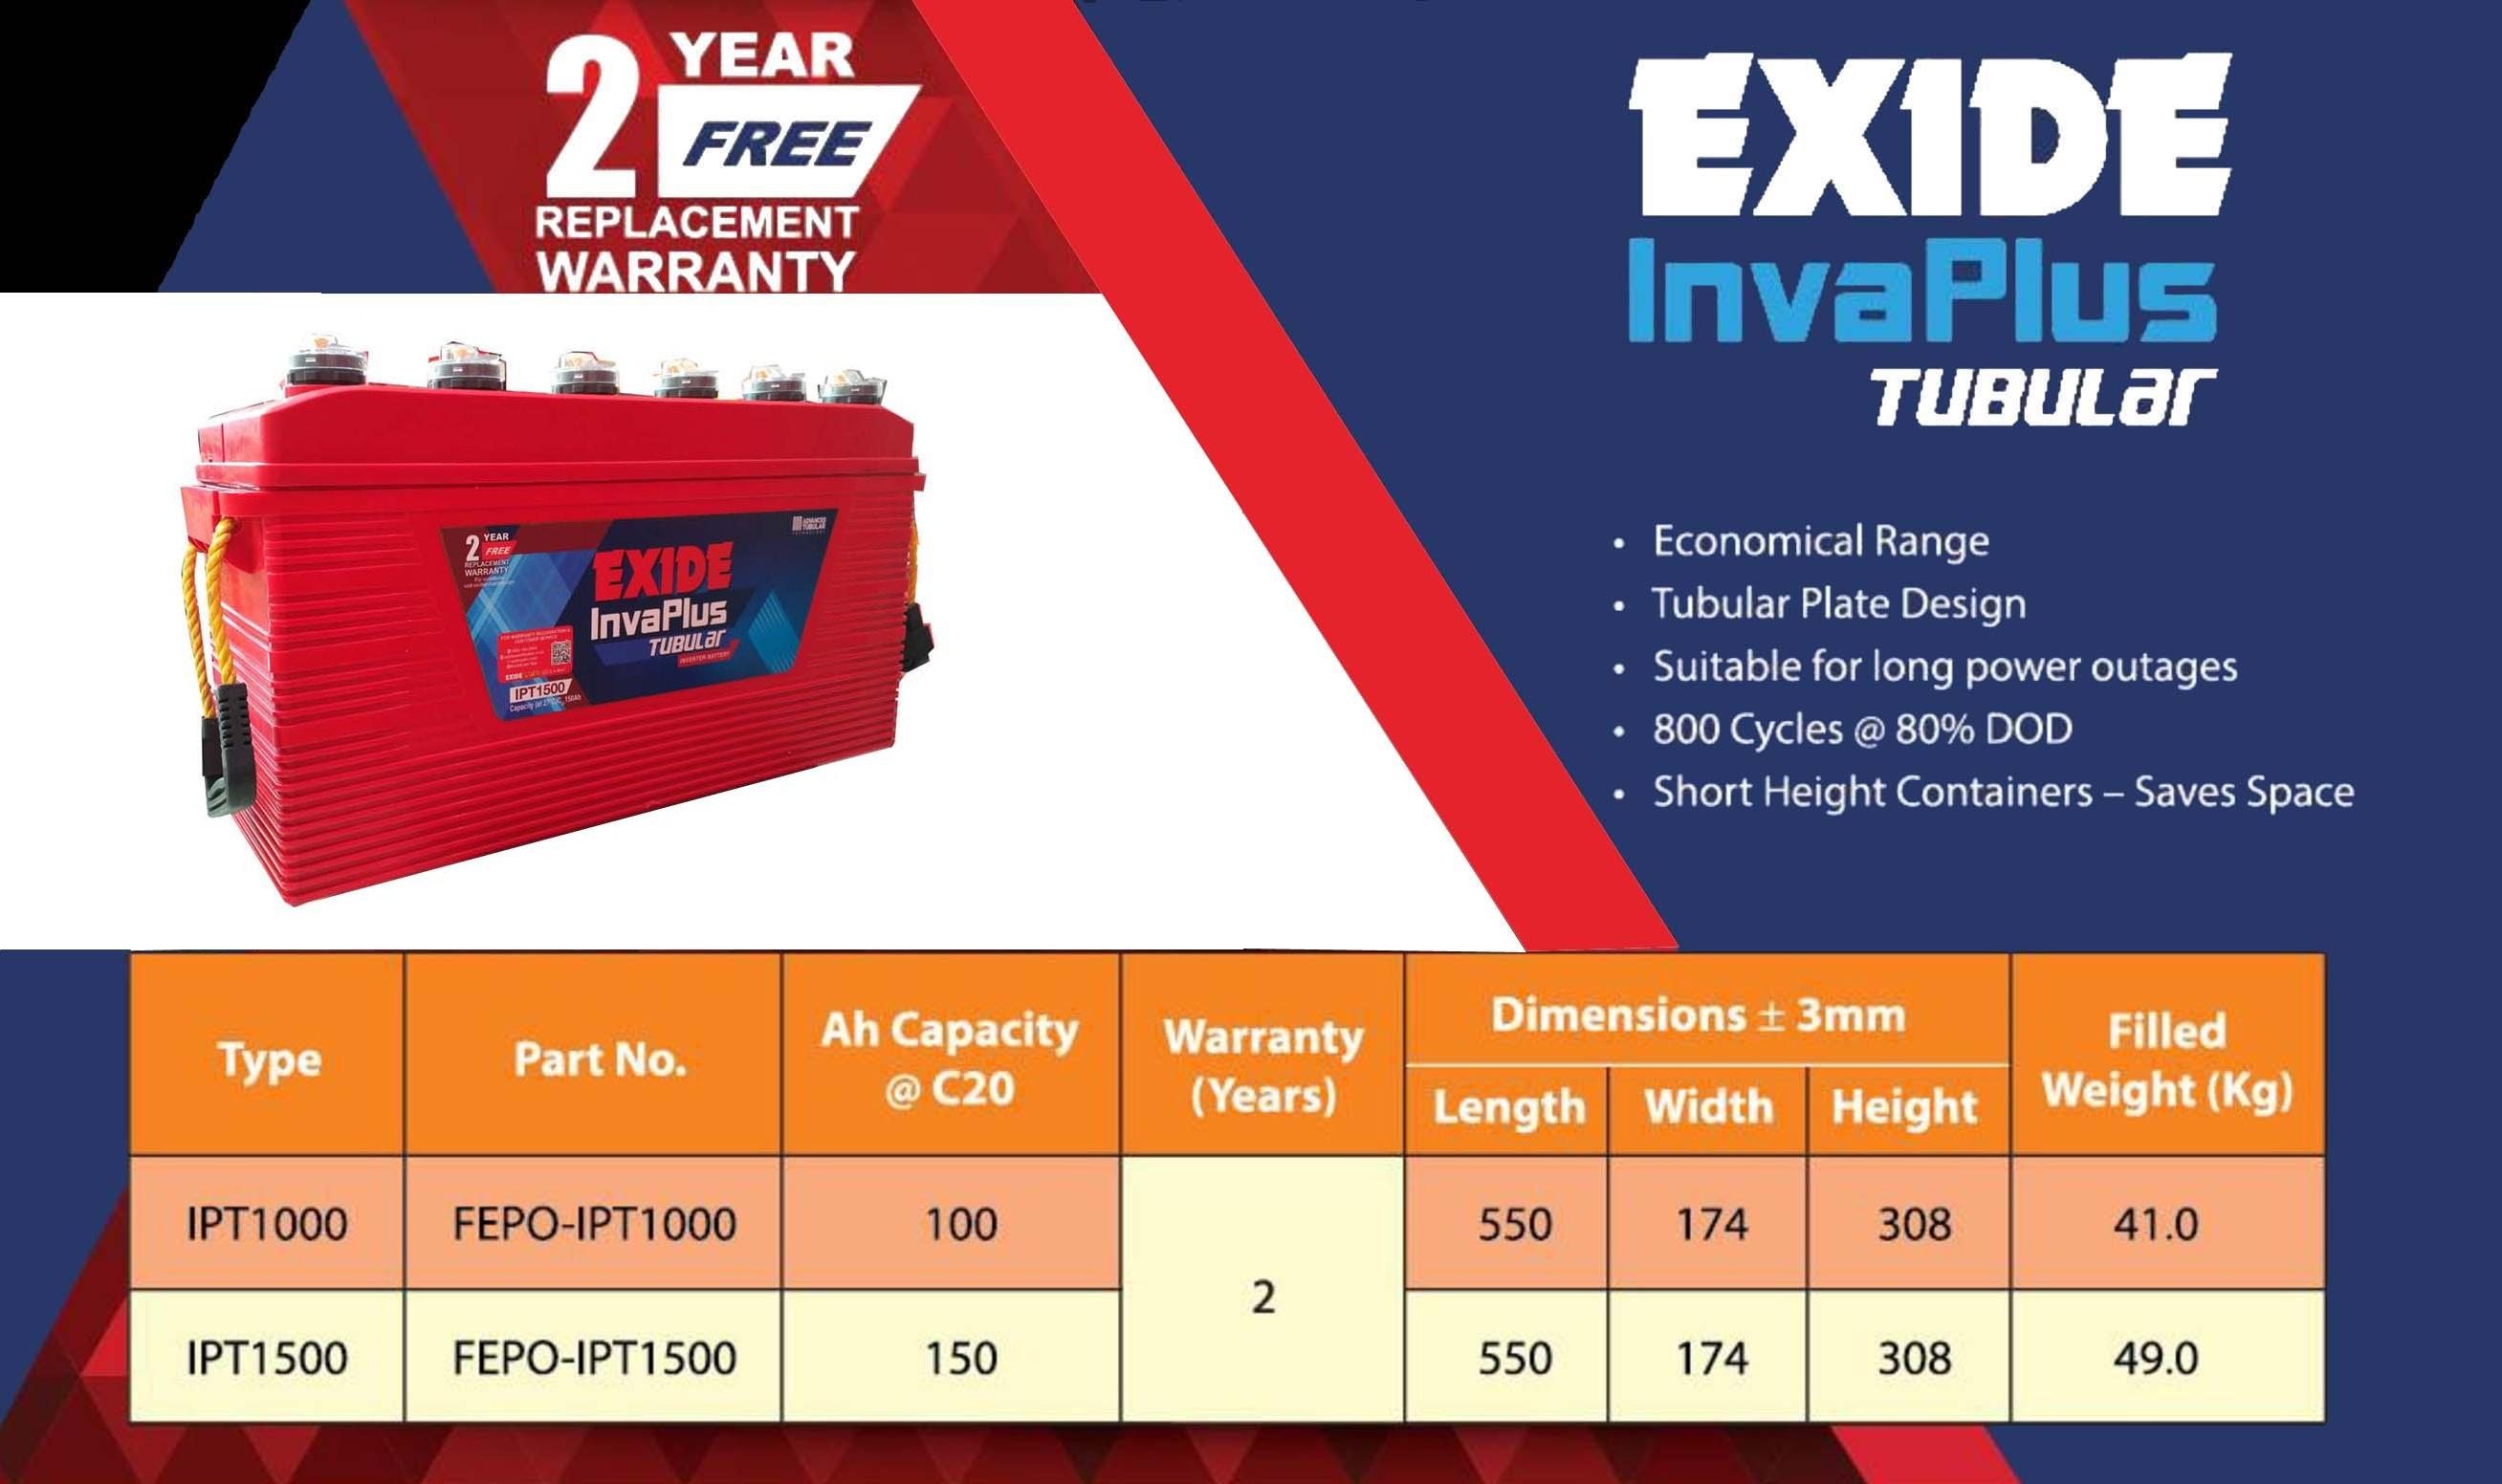 Exide InvaPlus Tubular inverter Battery